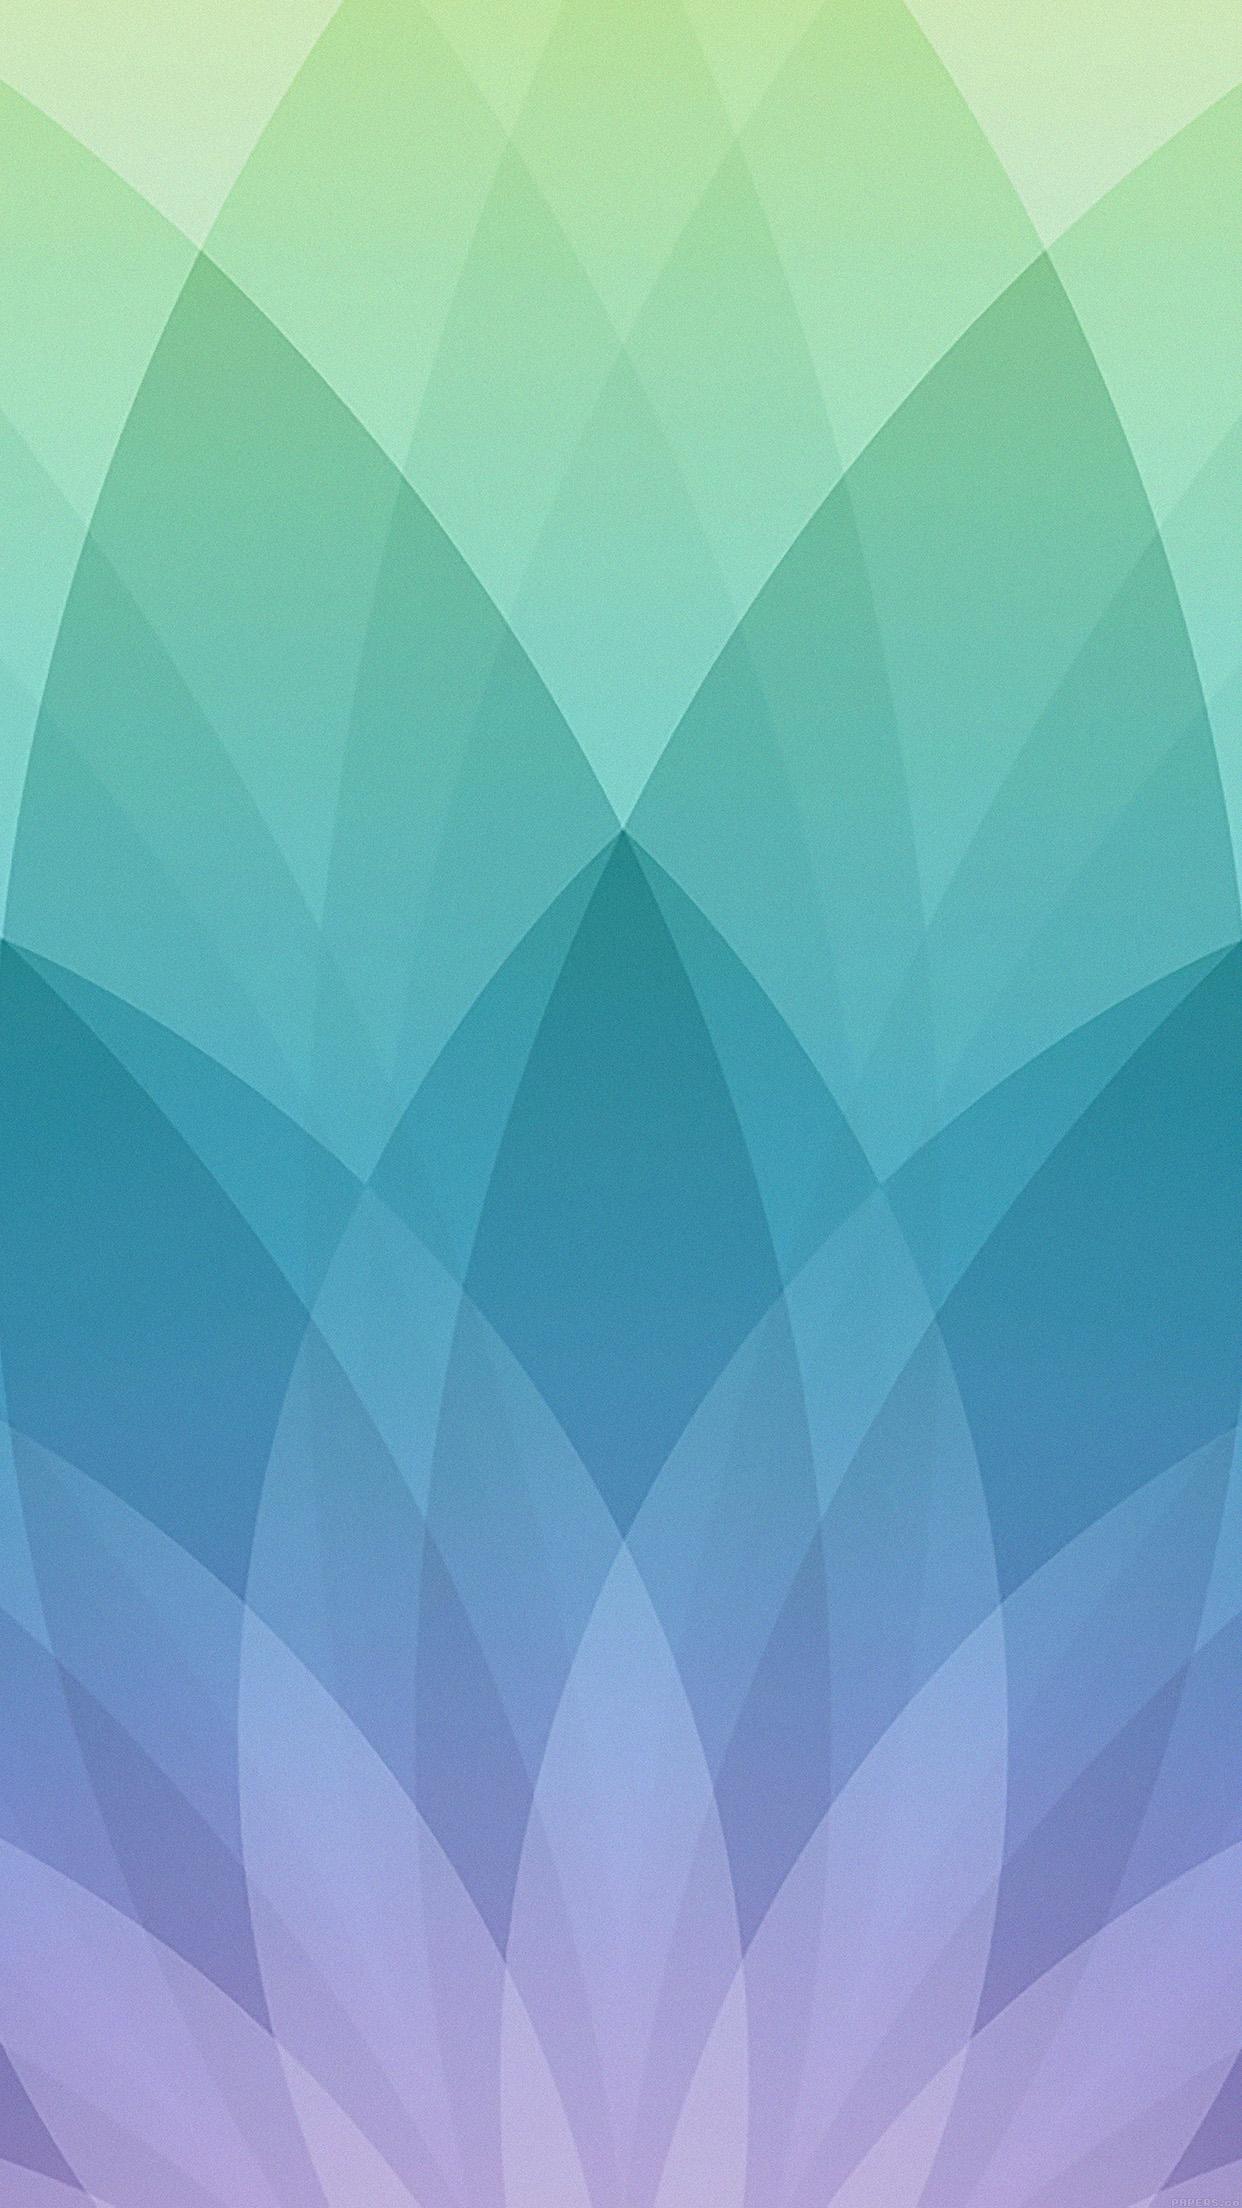 Cute Mandala Wallpaper For Iphone X Iphonexpapers